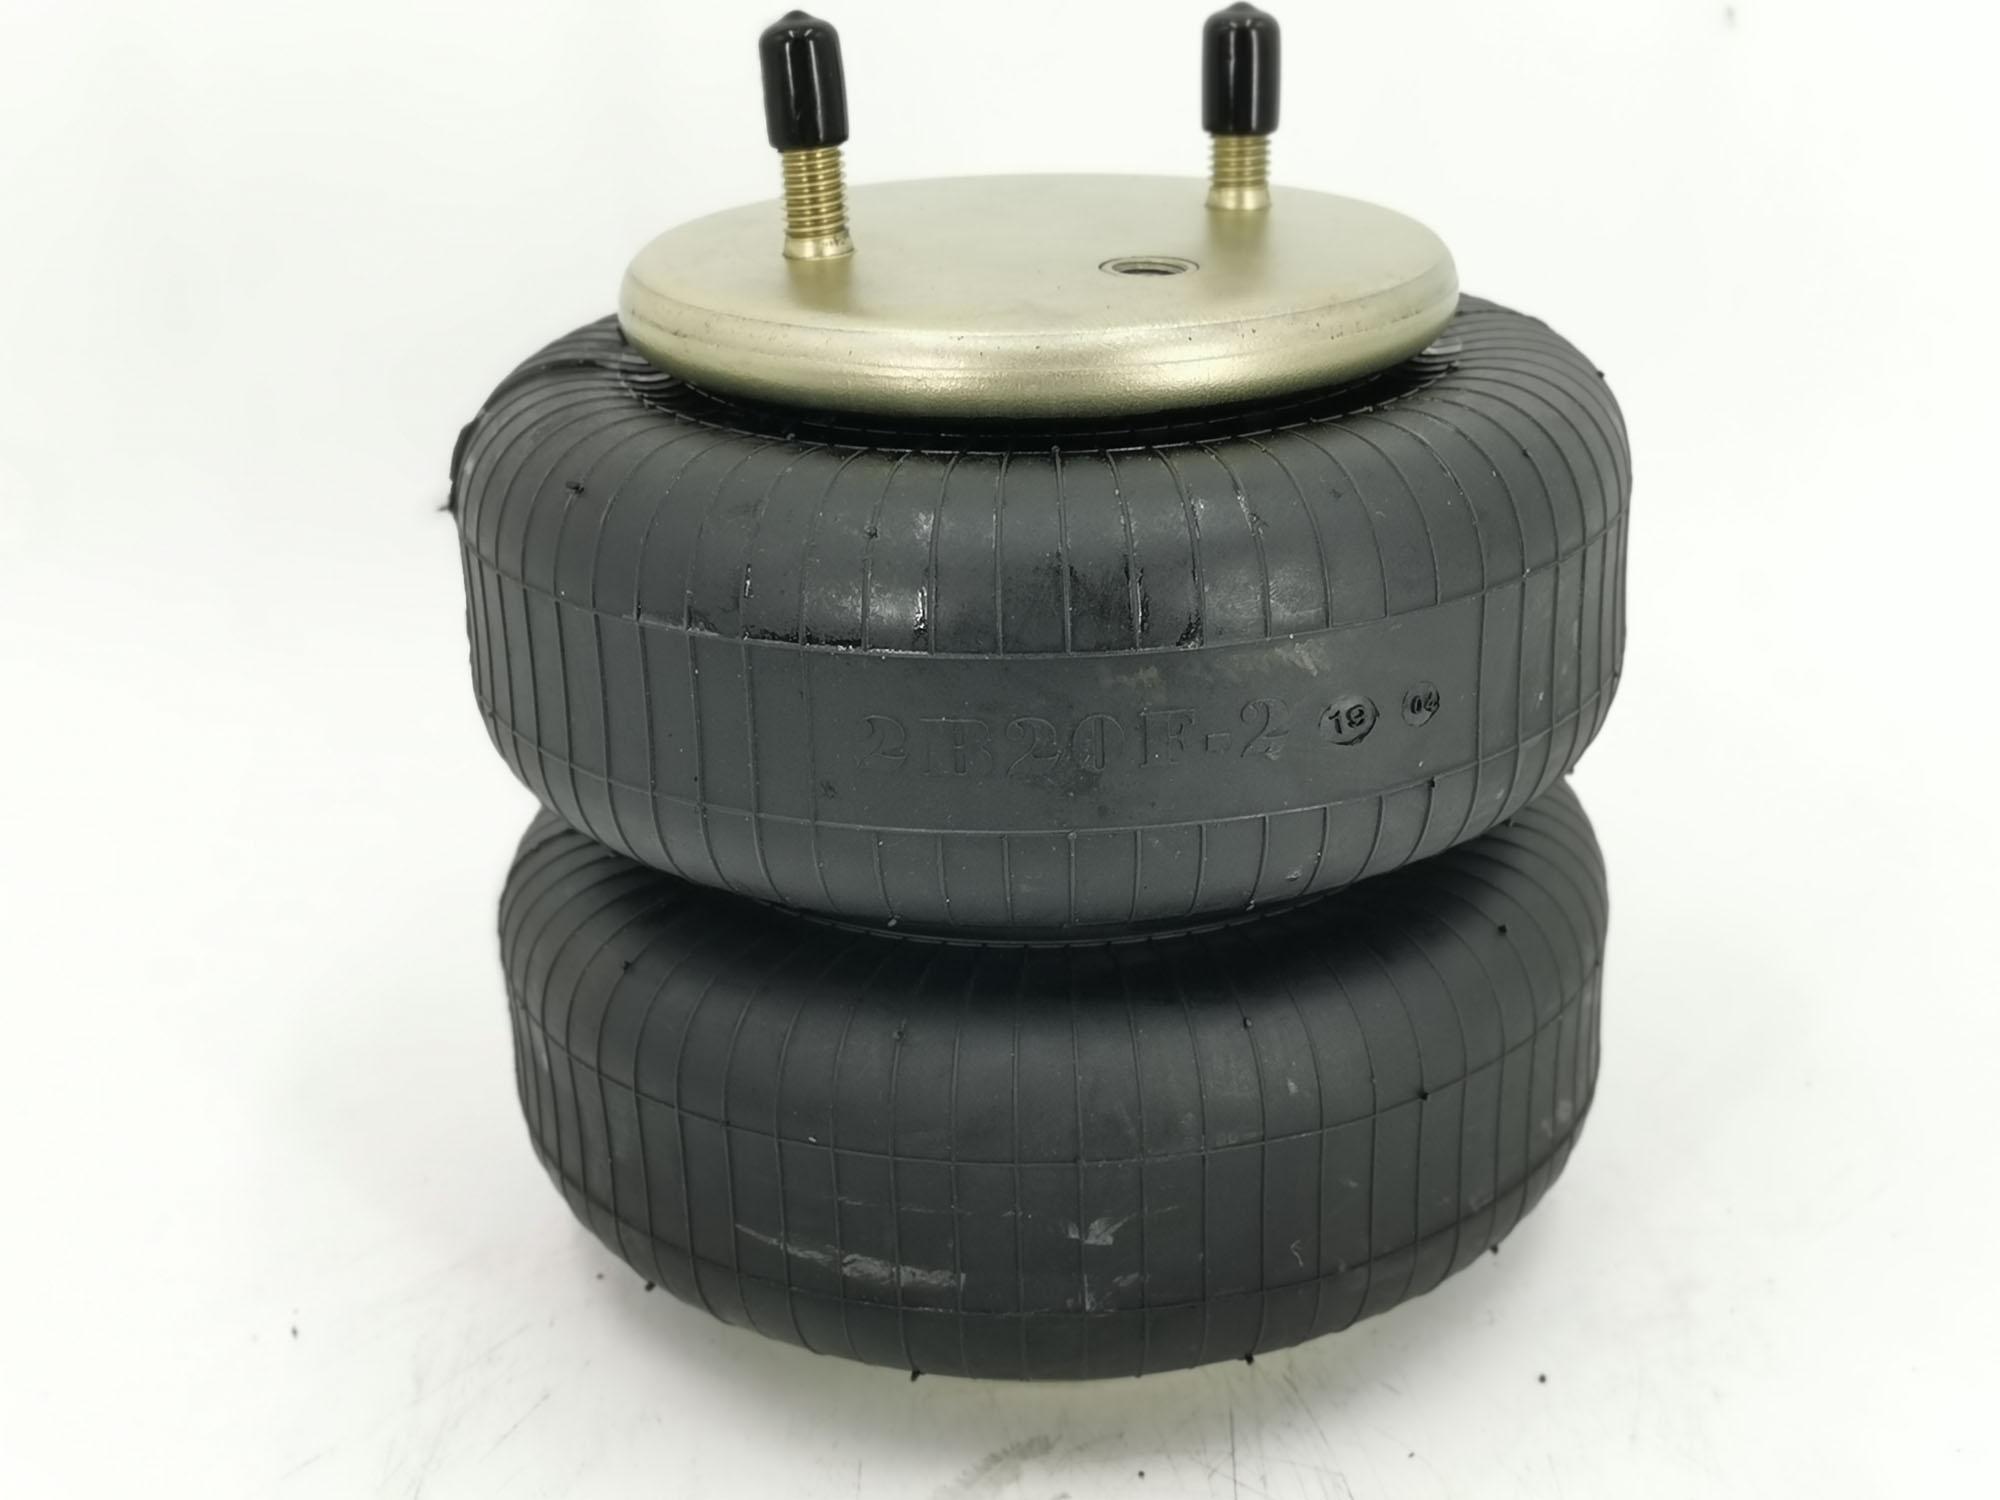 工业设备气囊-为您提供实用的工业设备空气弹簧资讯